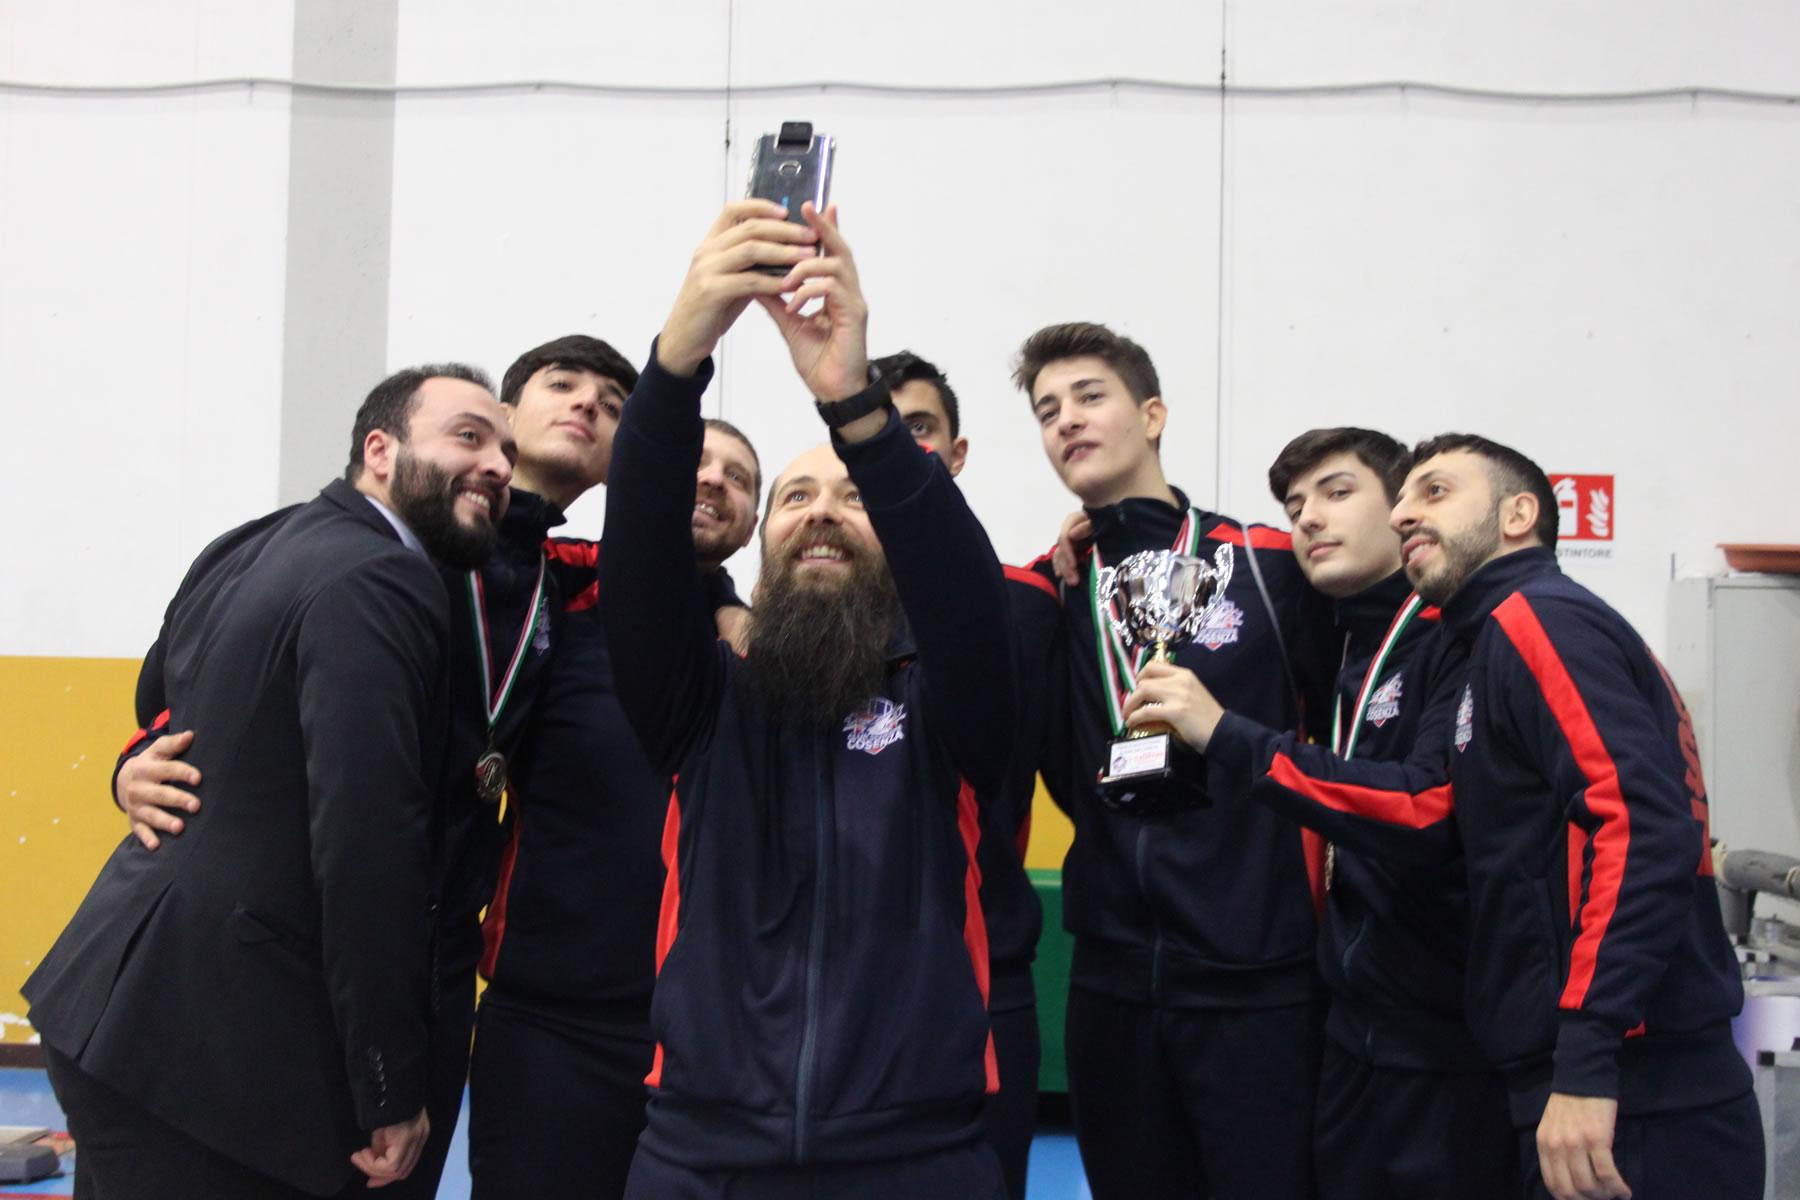 Campionato Serie C2 spada a squadre 2020: selfie per la squadra maschile